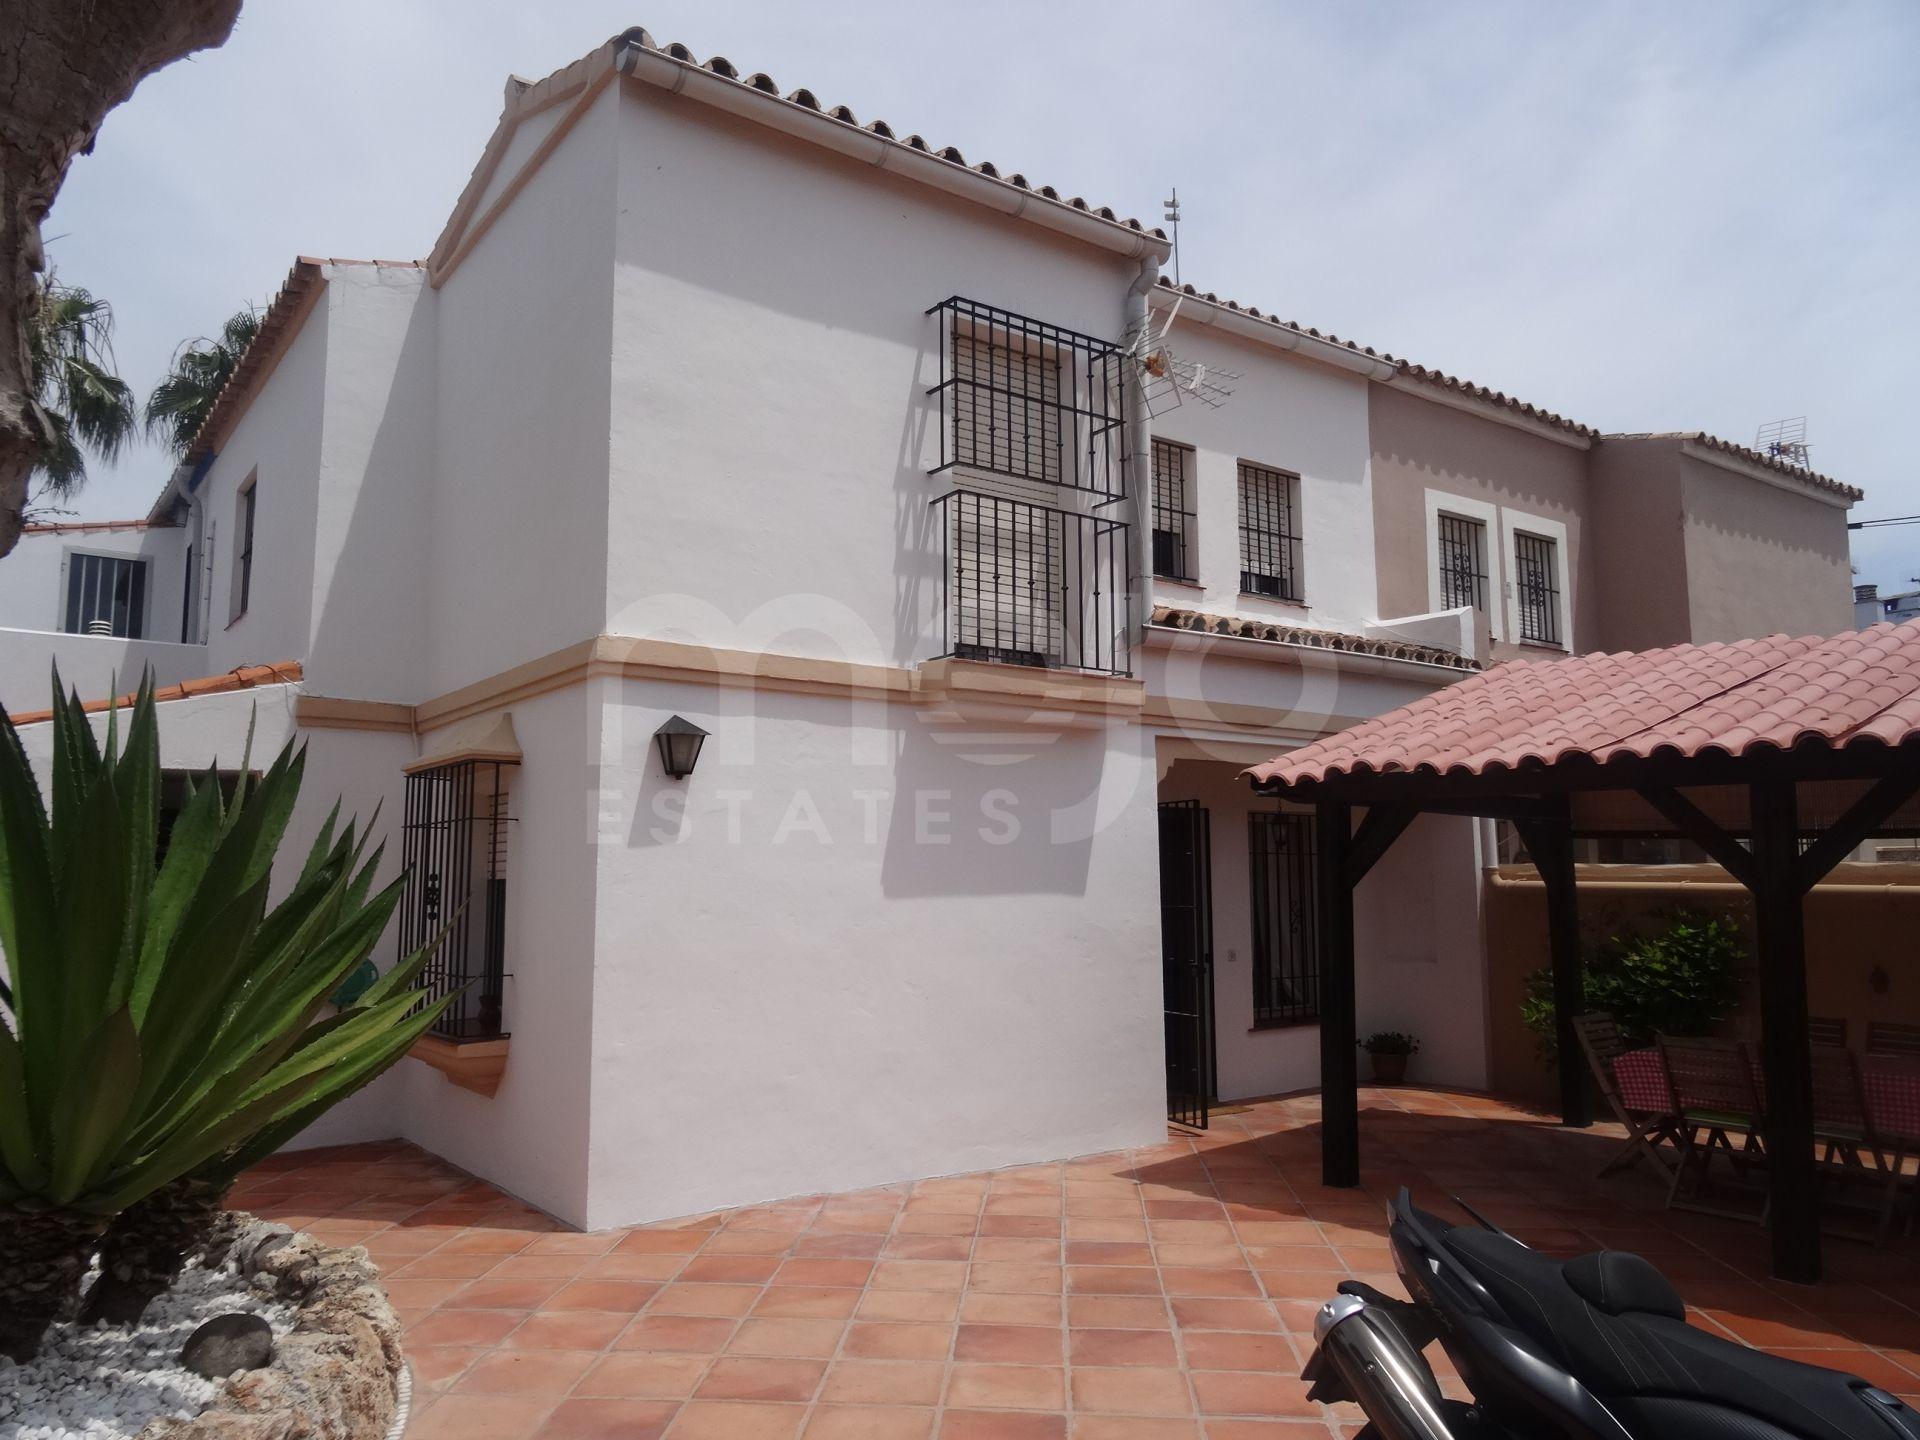 Semi-fritliggende hus til salg i Los Barrios